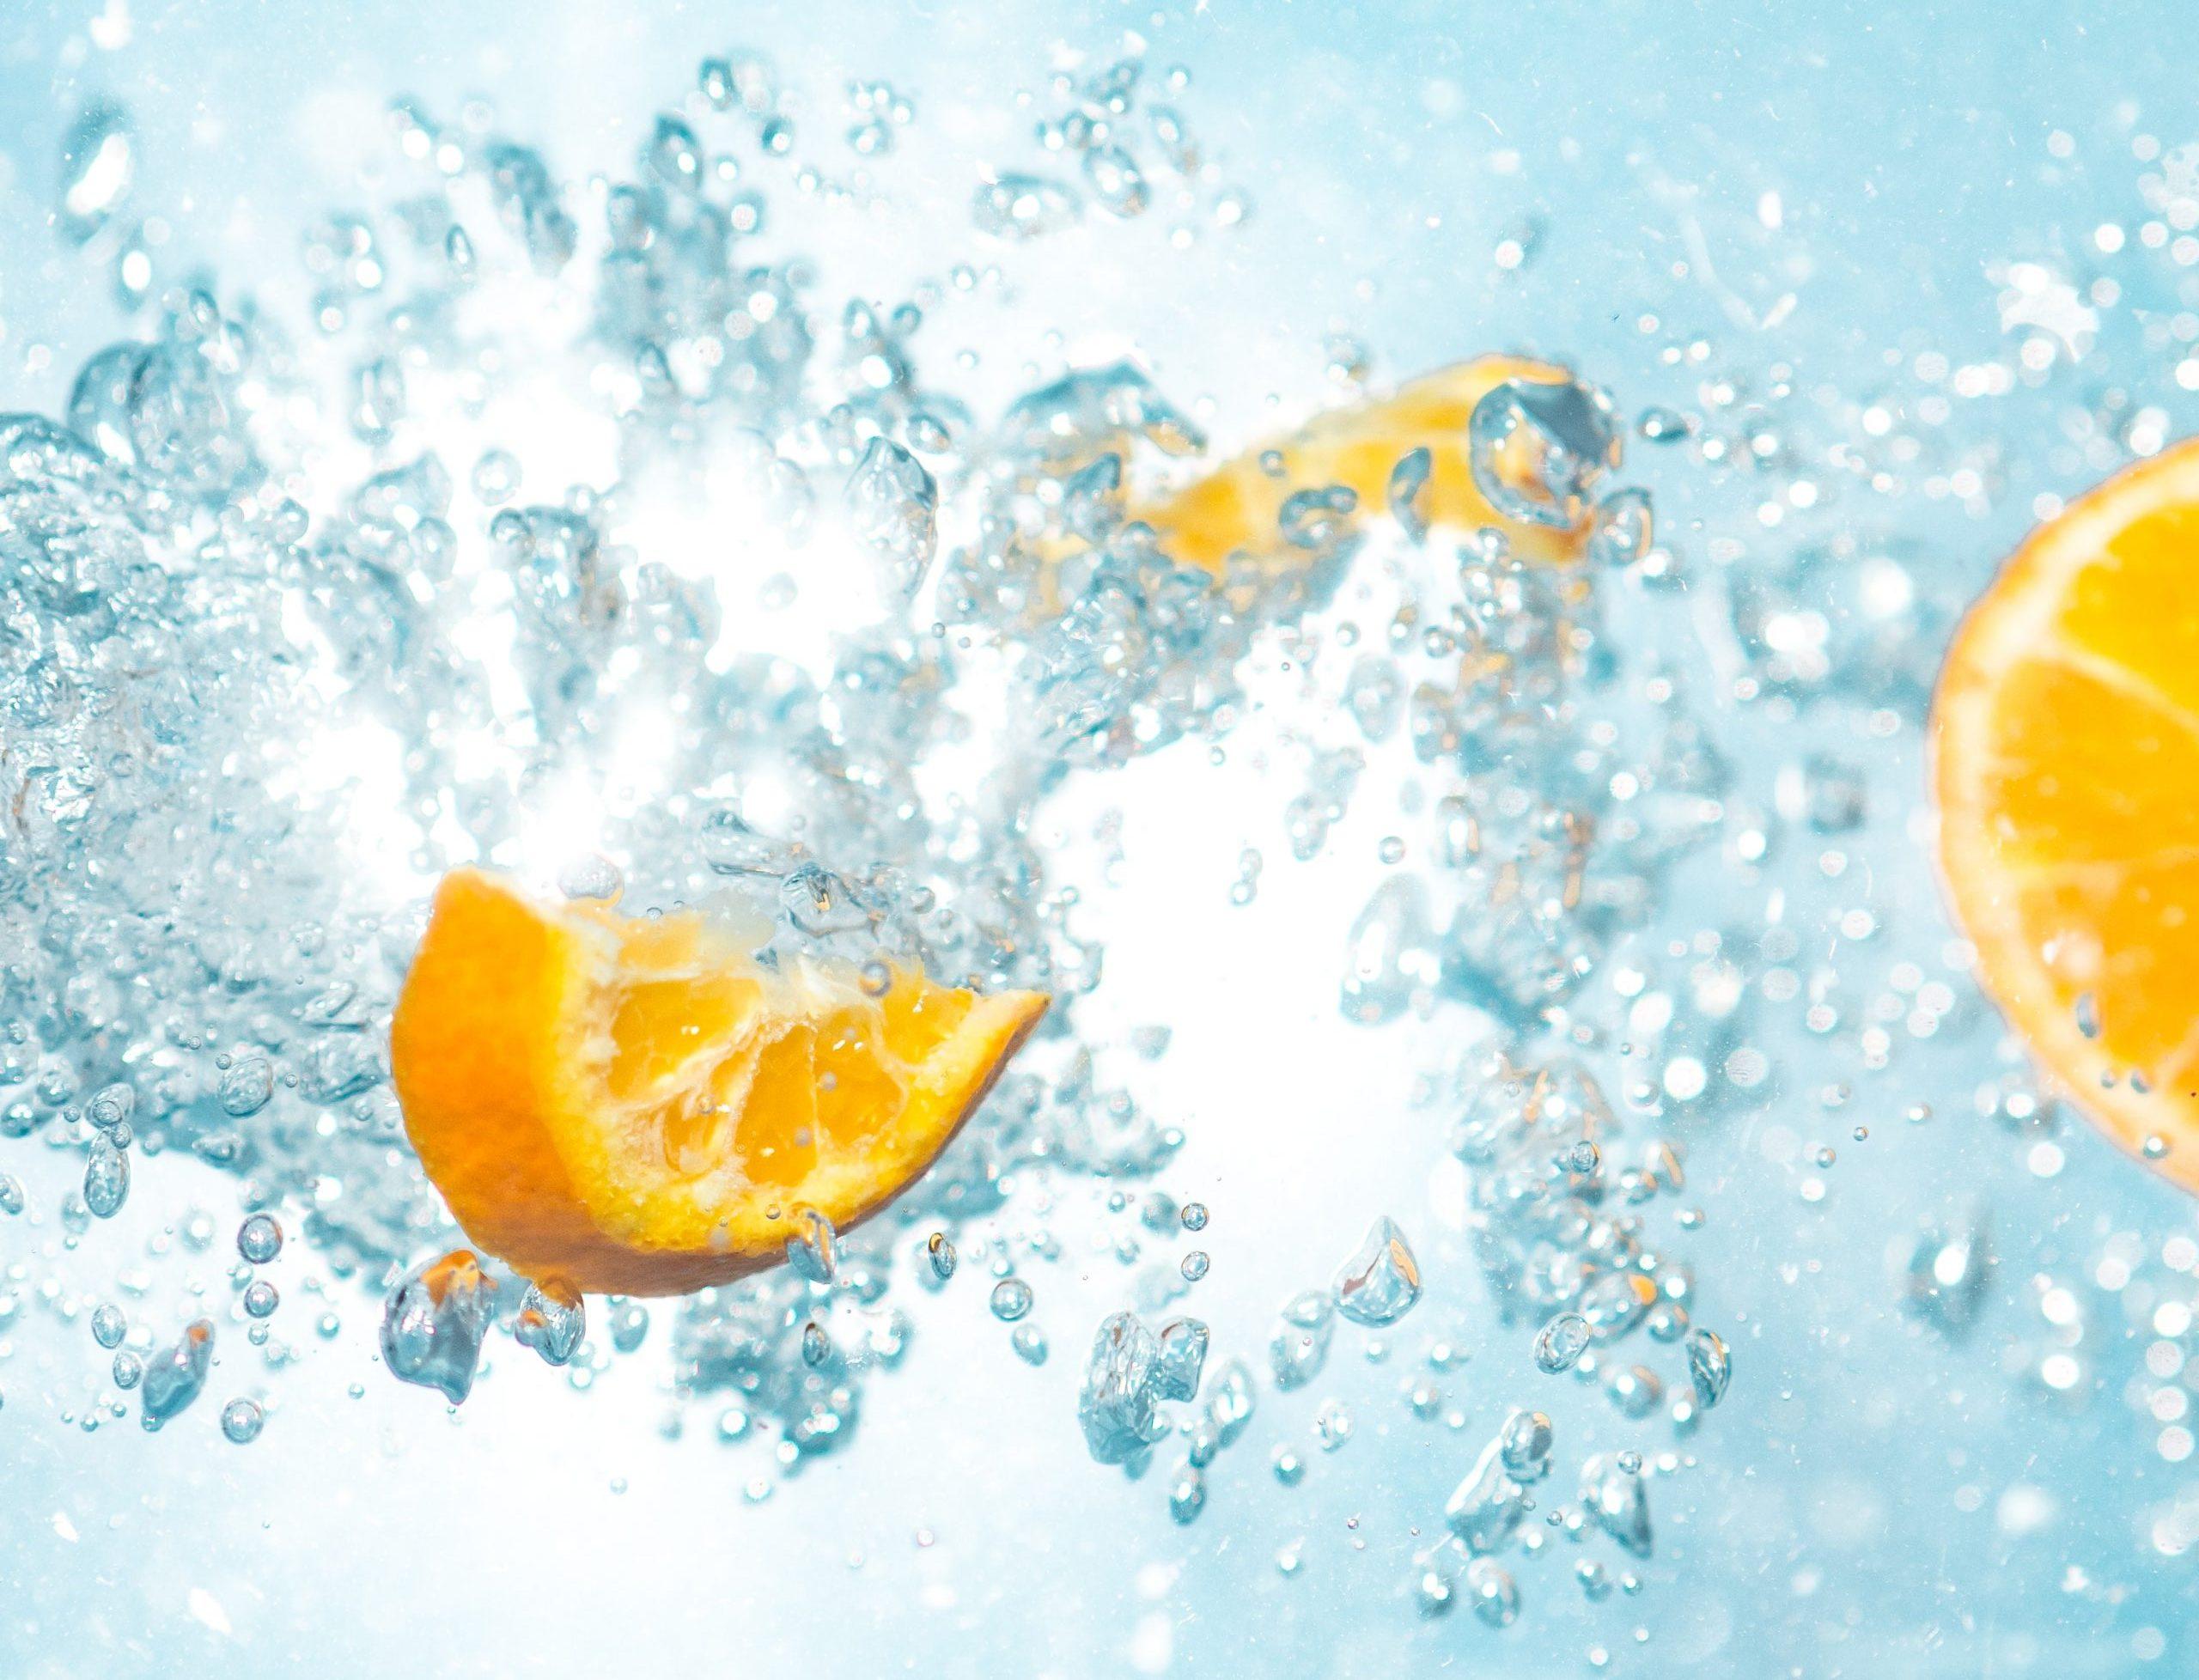 WONU Water: ¿cuál es la importancia de consumir productos reciclables?